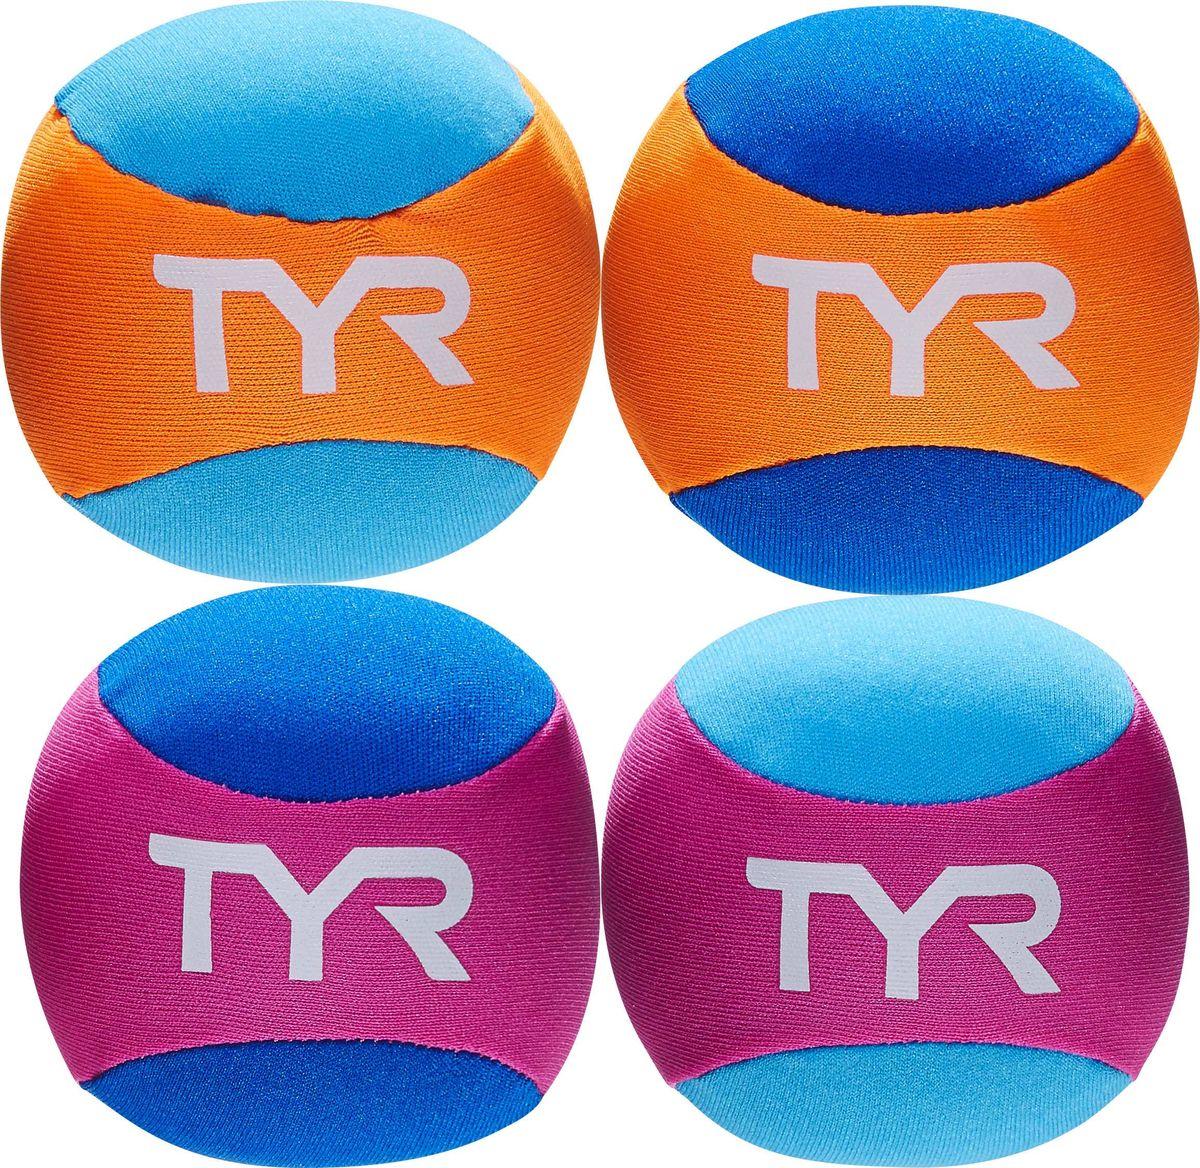 Мяч Tyr Kids Pool Balls, цвет: мультиколор, 4 шт. LSTSBLSLSTSBLSКаждый продукт Start to Swim предназначен для помощи детям на самых ранних этапах плавания. Мячики TYR идеально подходят для игры в бассейне и на пляже. Просто позвольте шарам впитать воду, а затем бросьте их. Комплект включает в себя 4 красочных мячика.